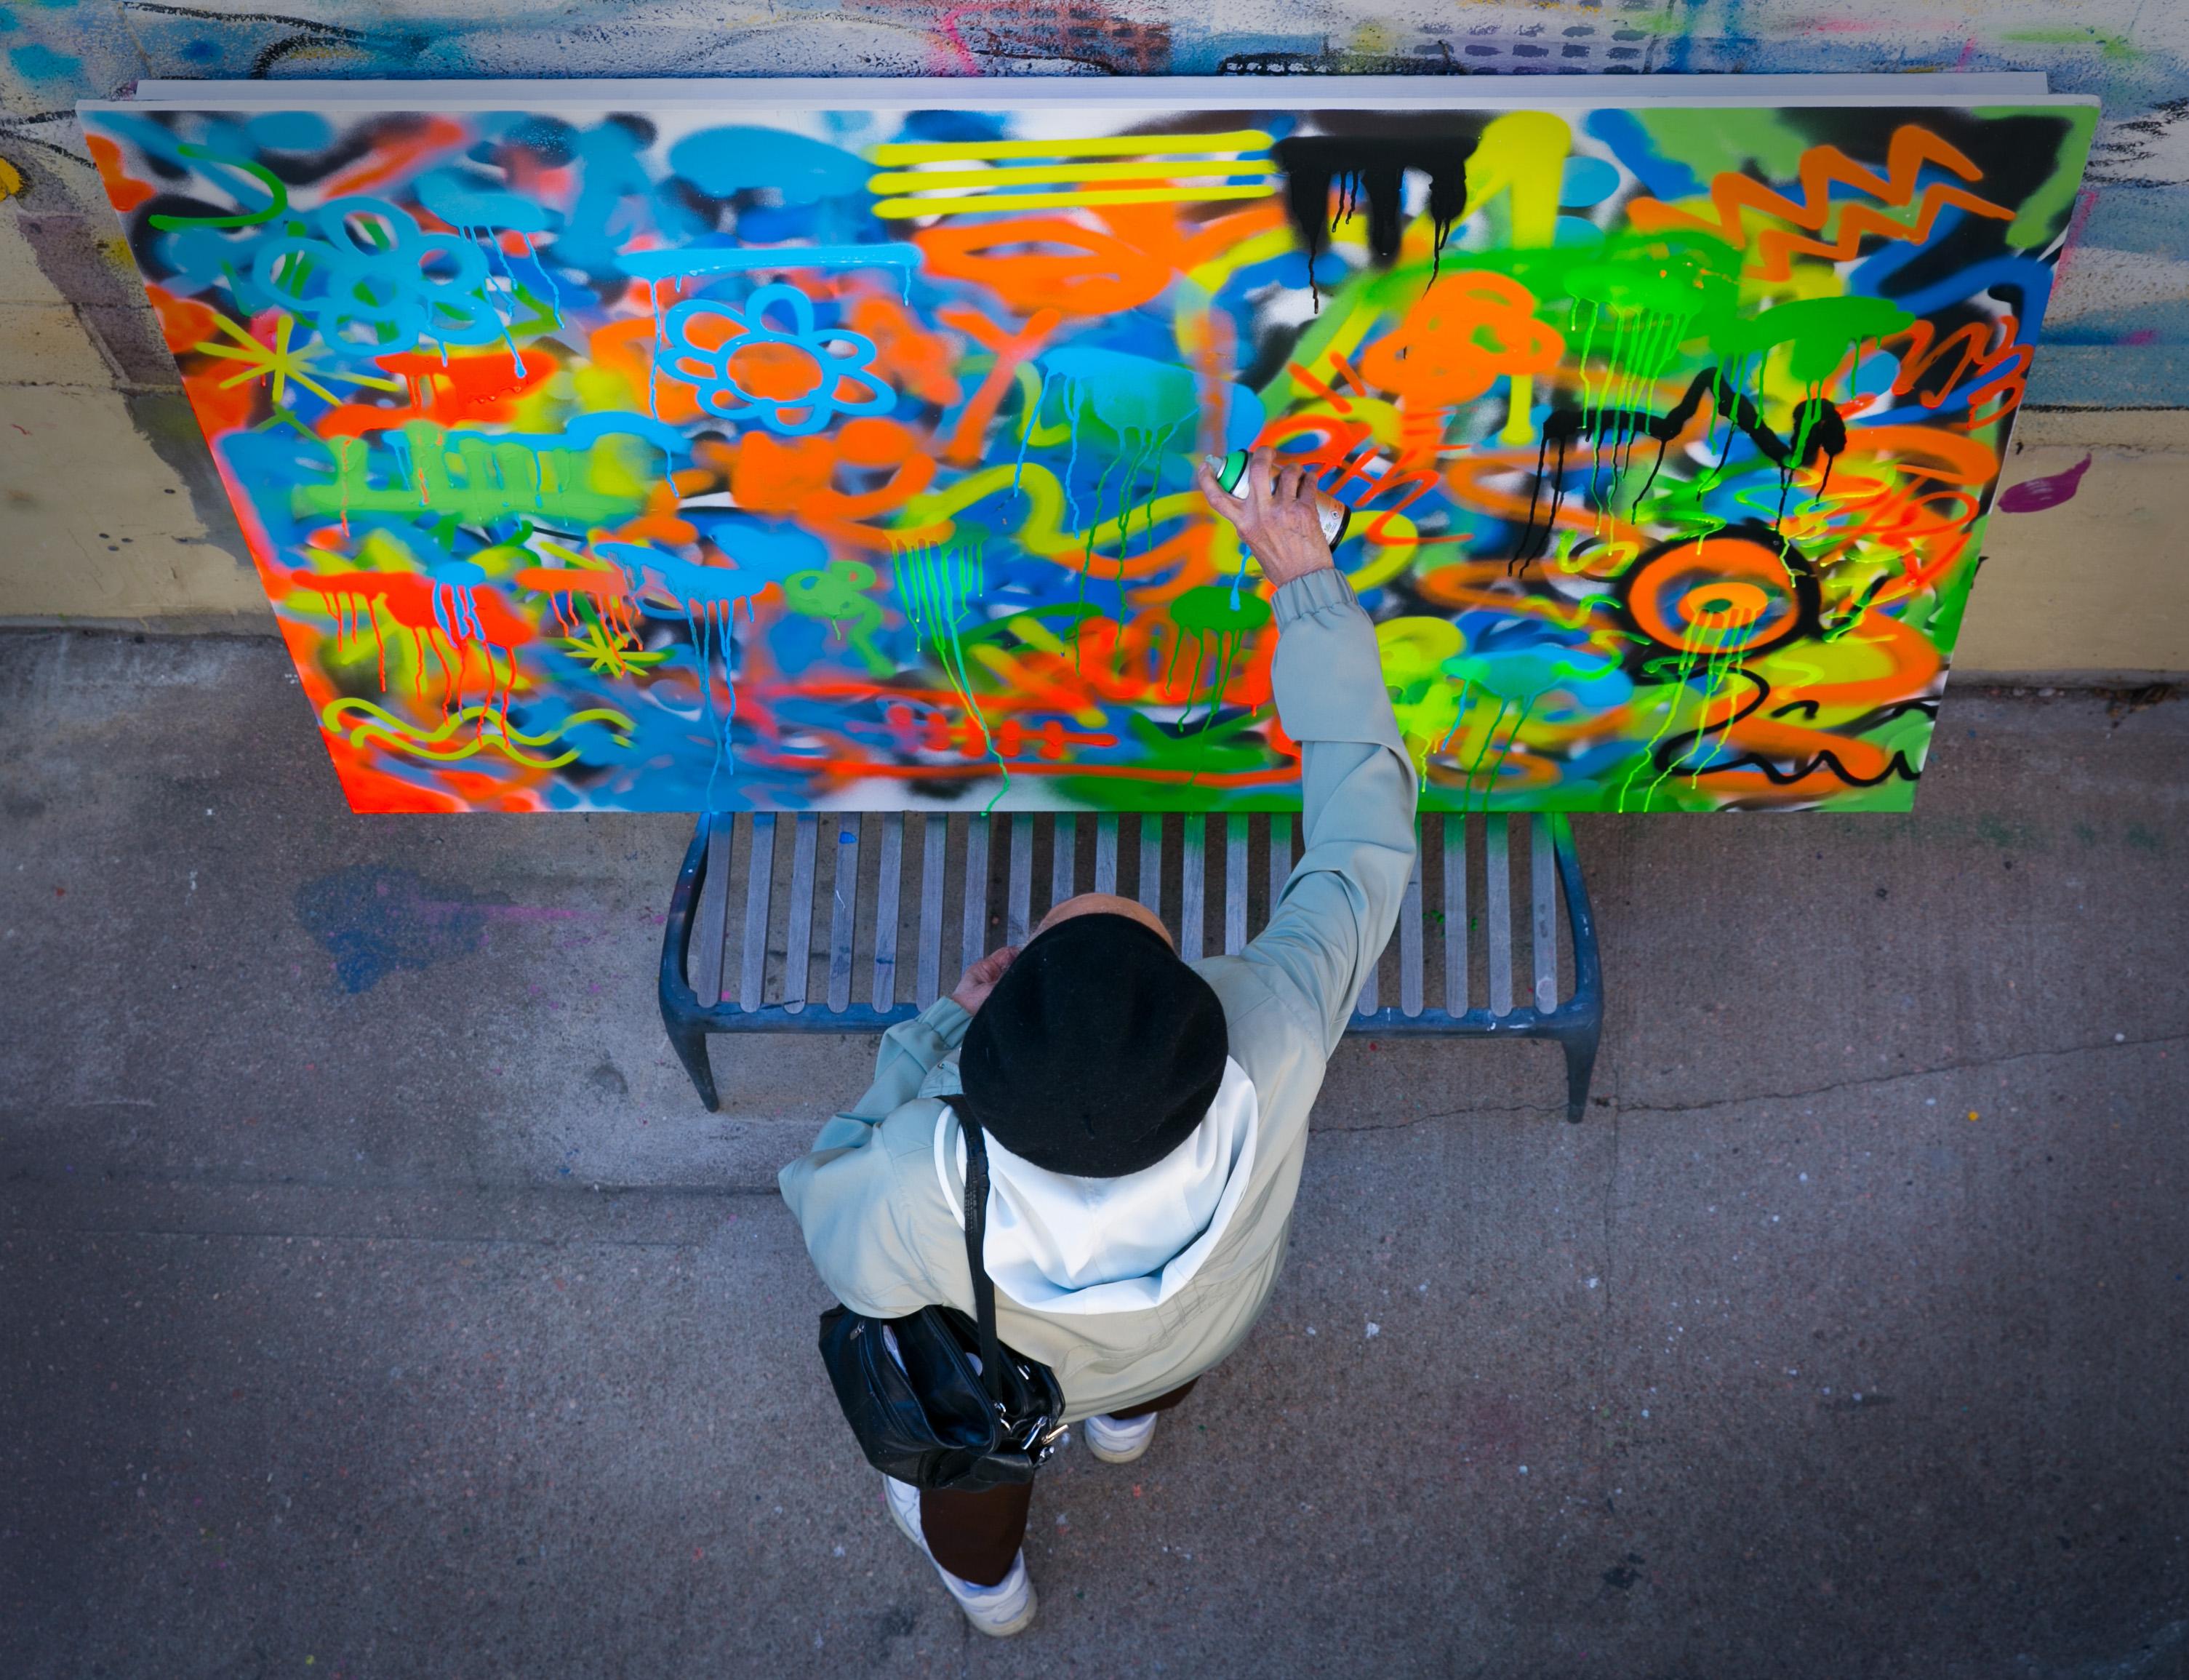 Photo: Granny Does Graffiti at VSA Gallery EXTRA